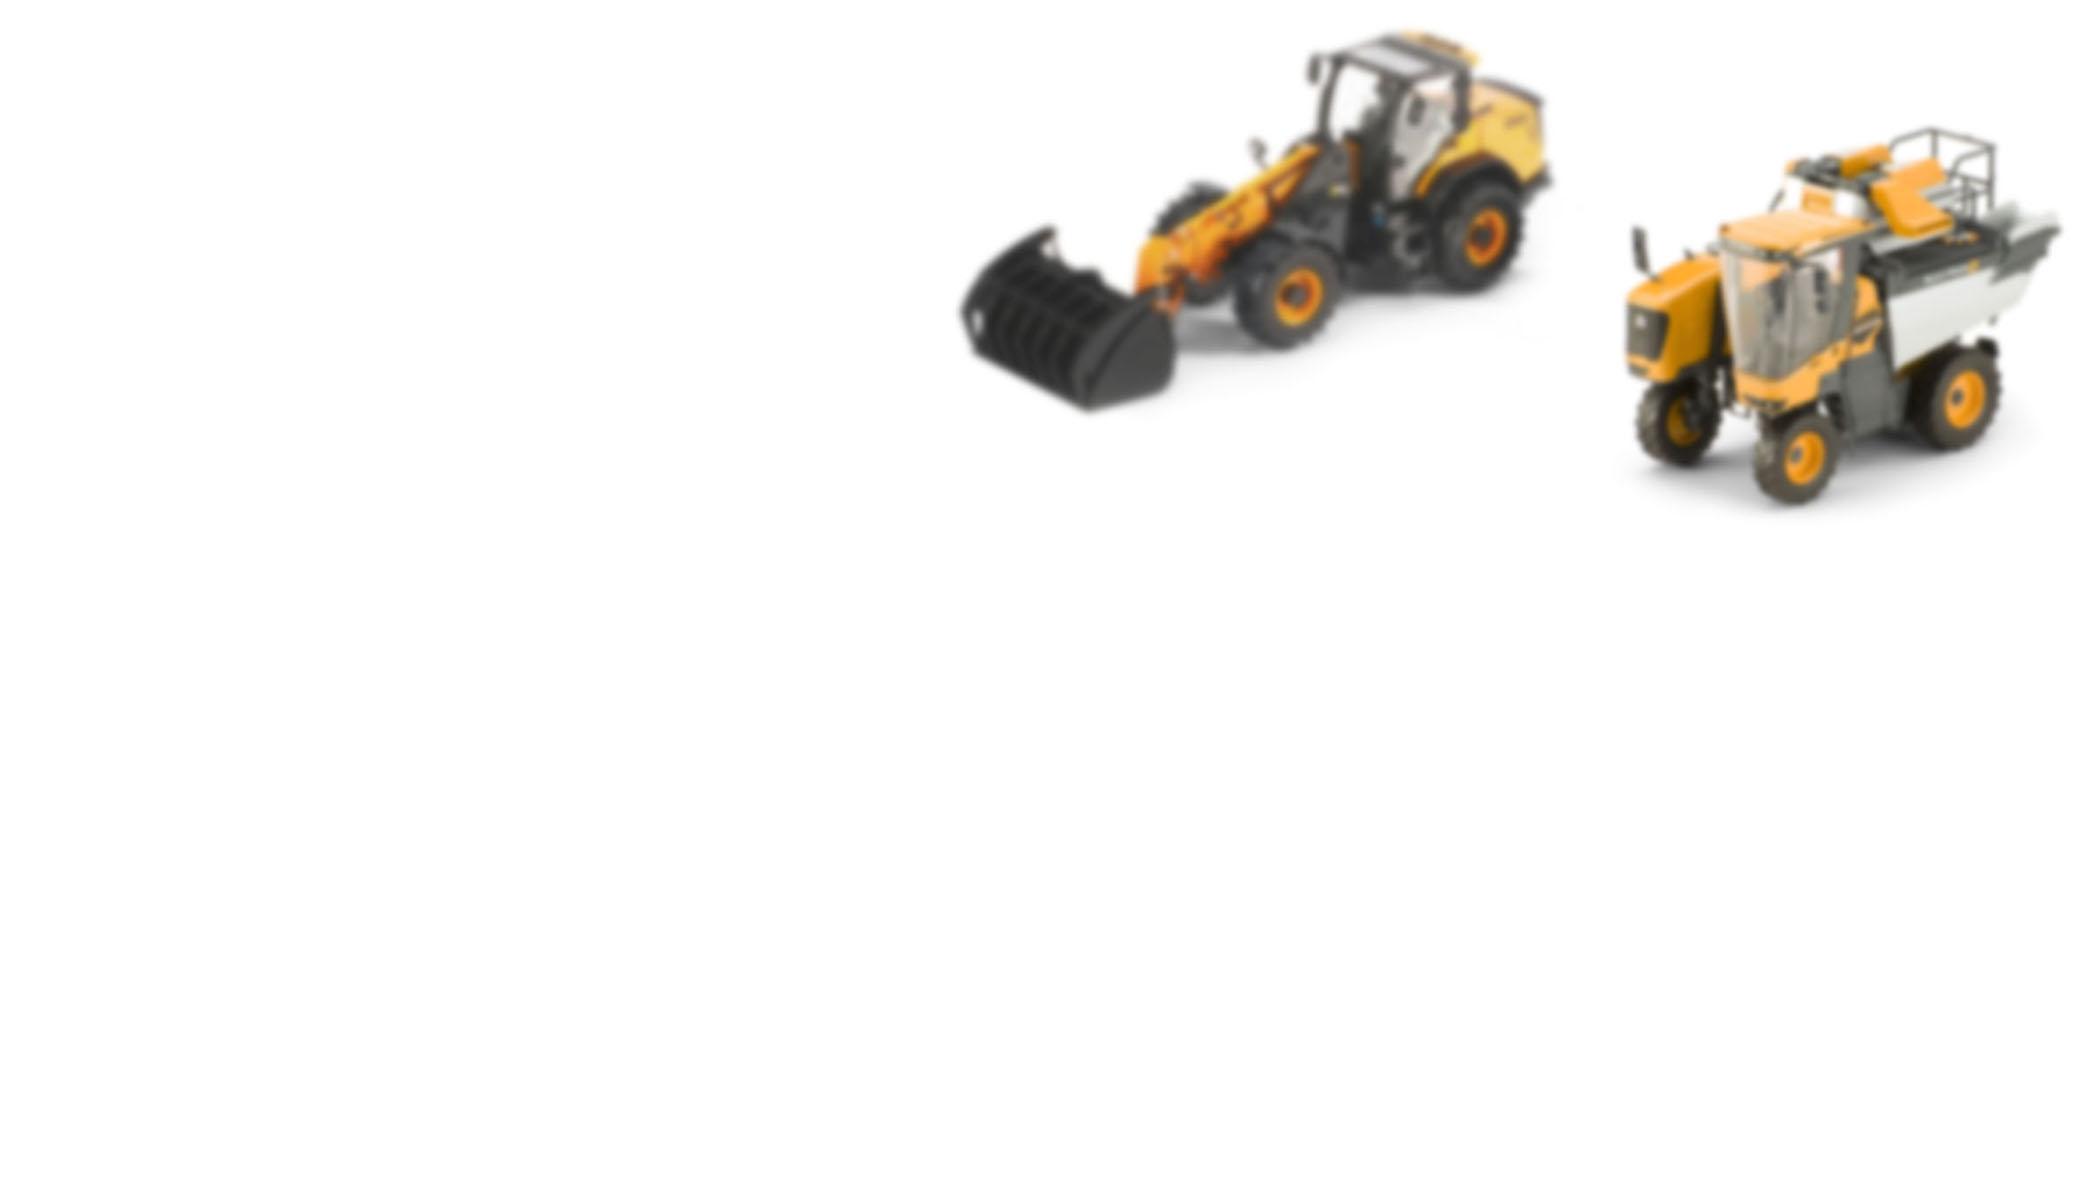 Modellini statici macchinari agricoli